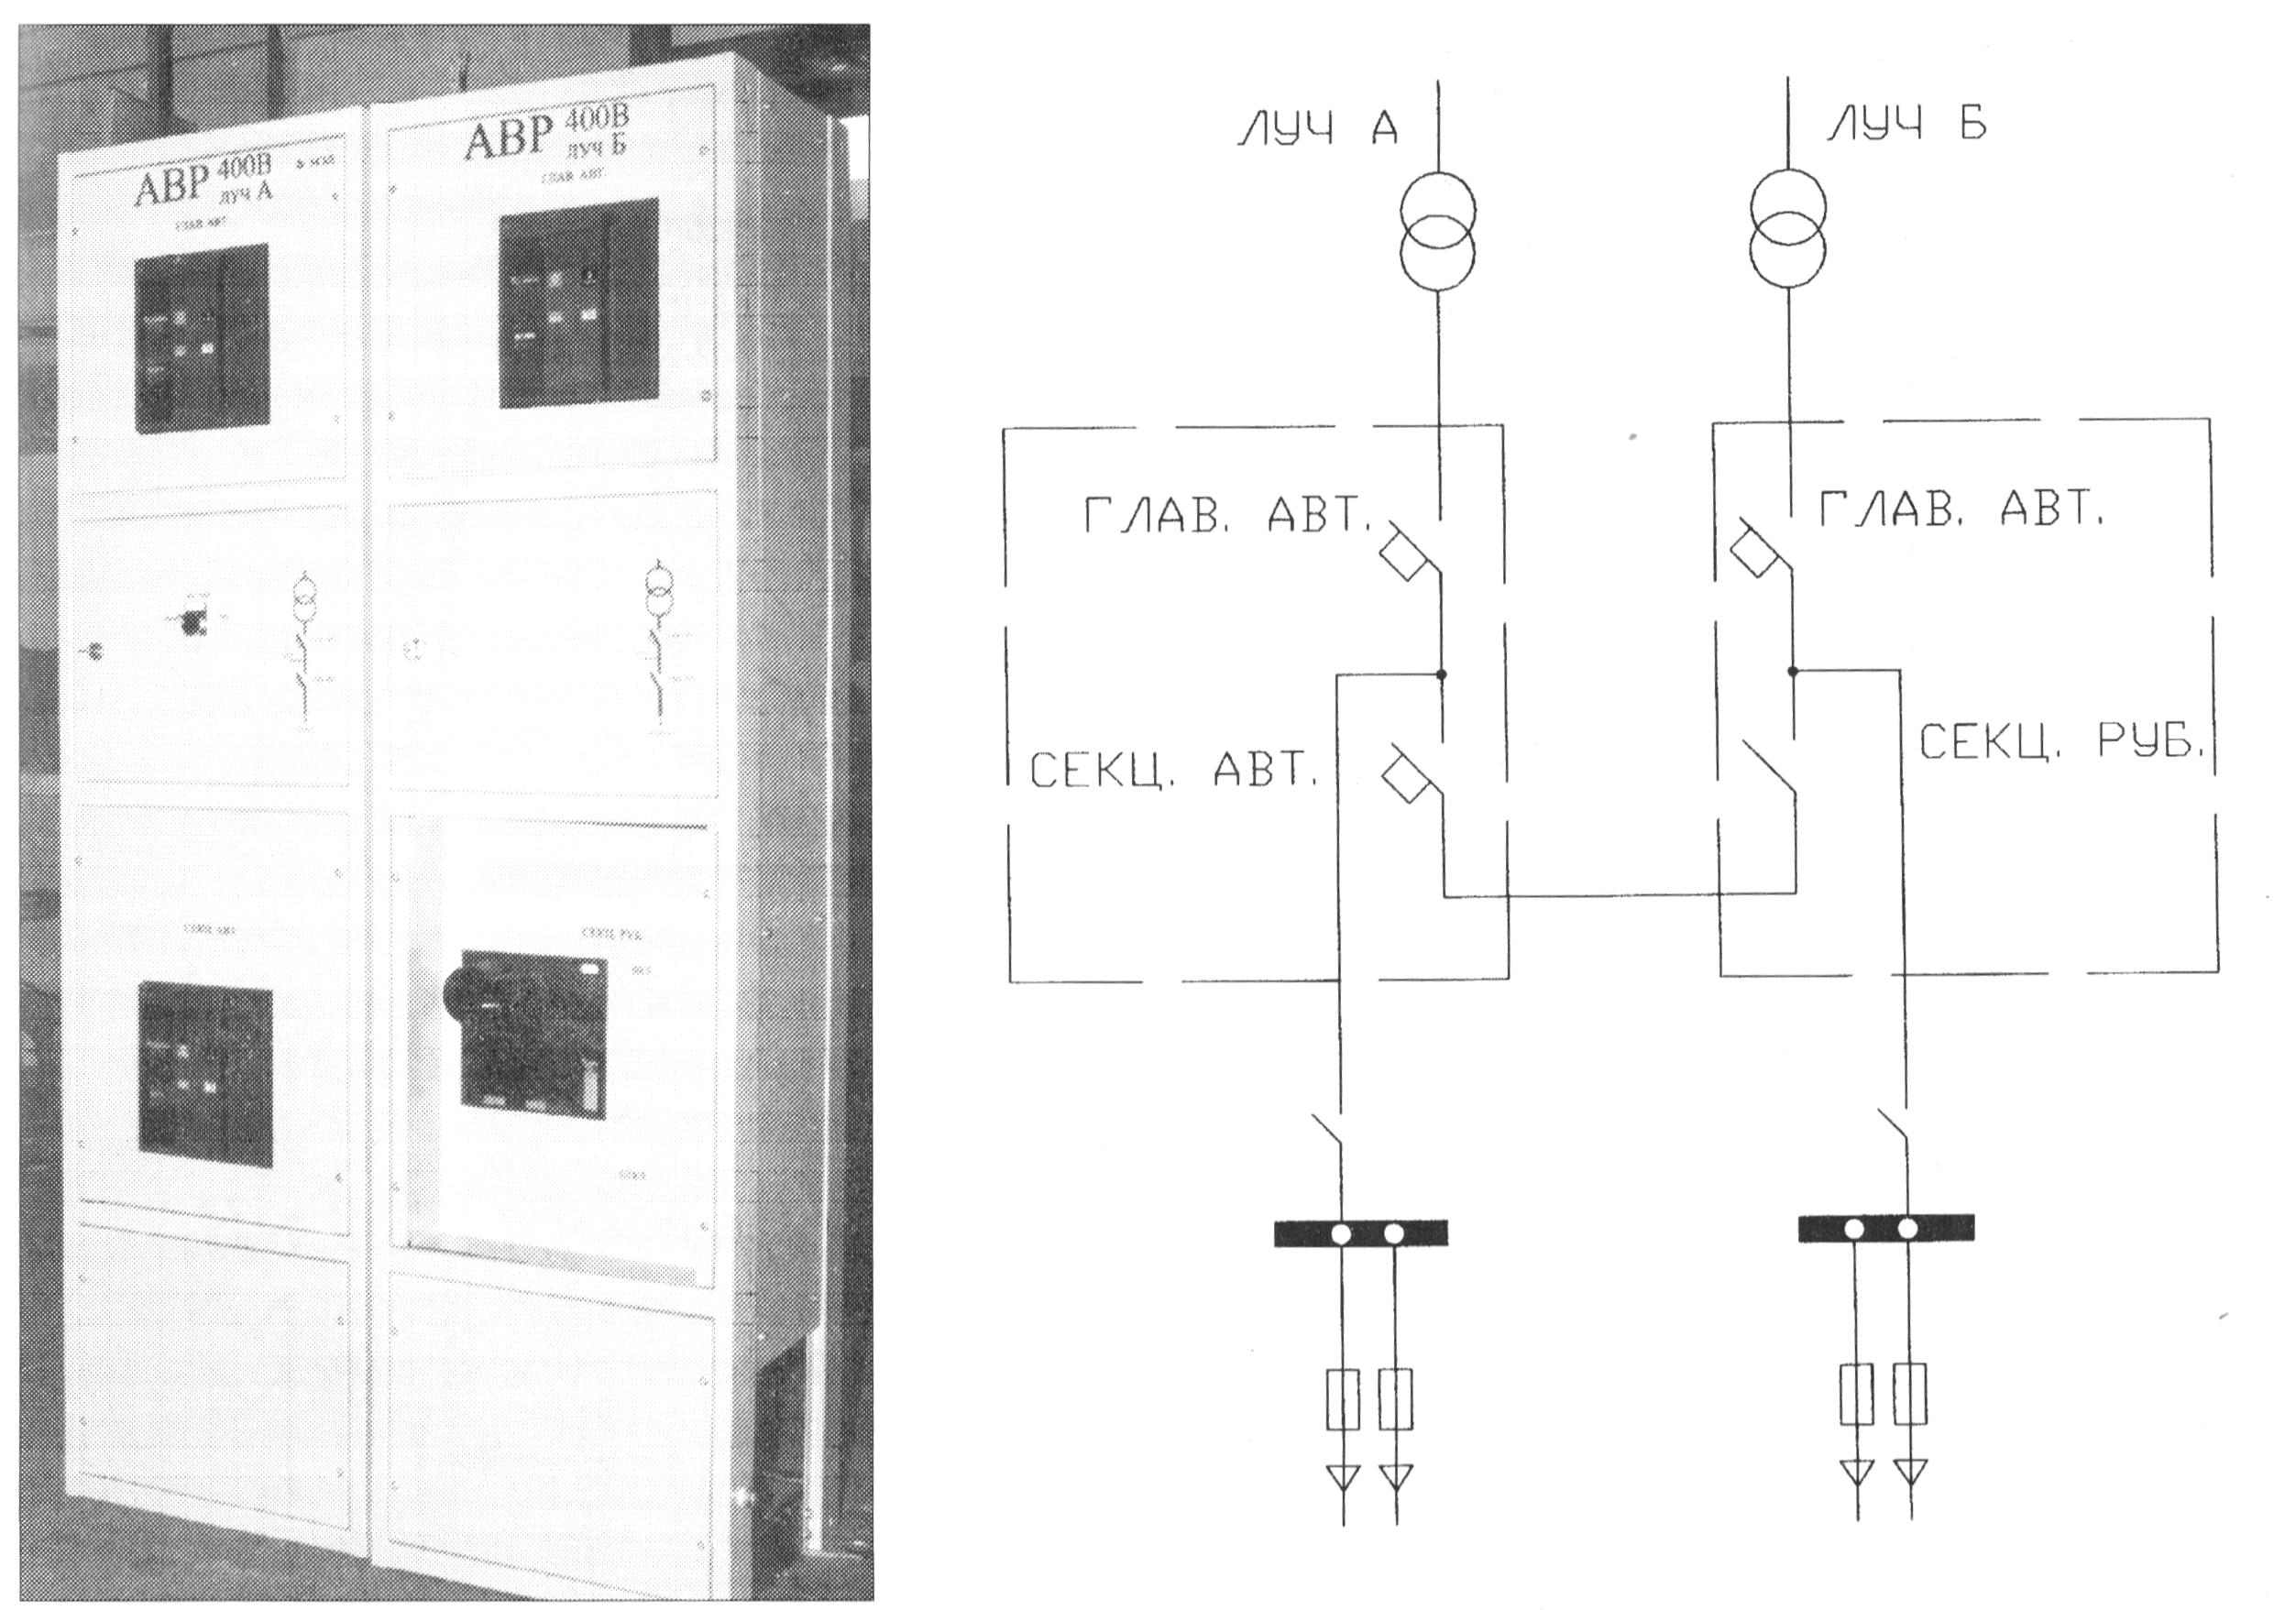 Однолинейная электрическая схема и общий вид АВР на автоматических выключателях типа Мастерпакт